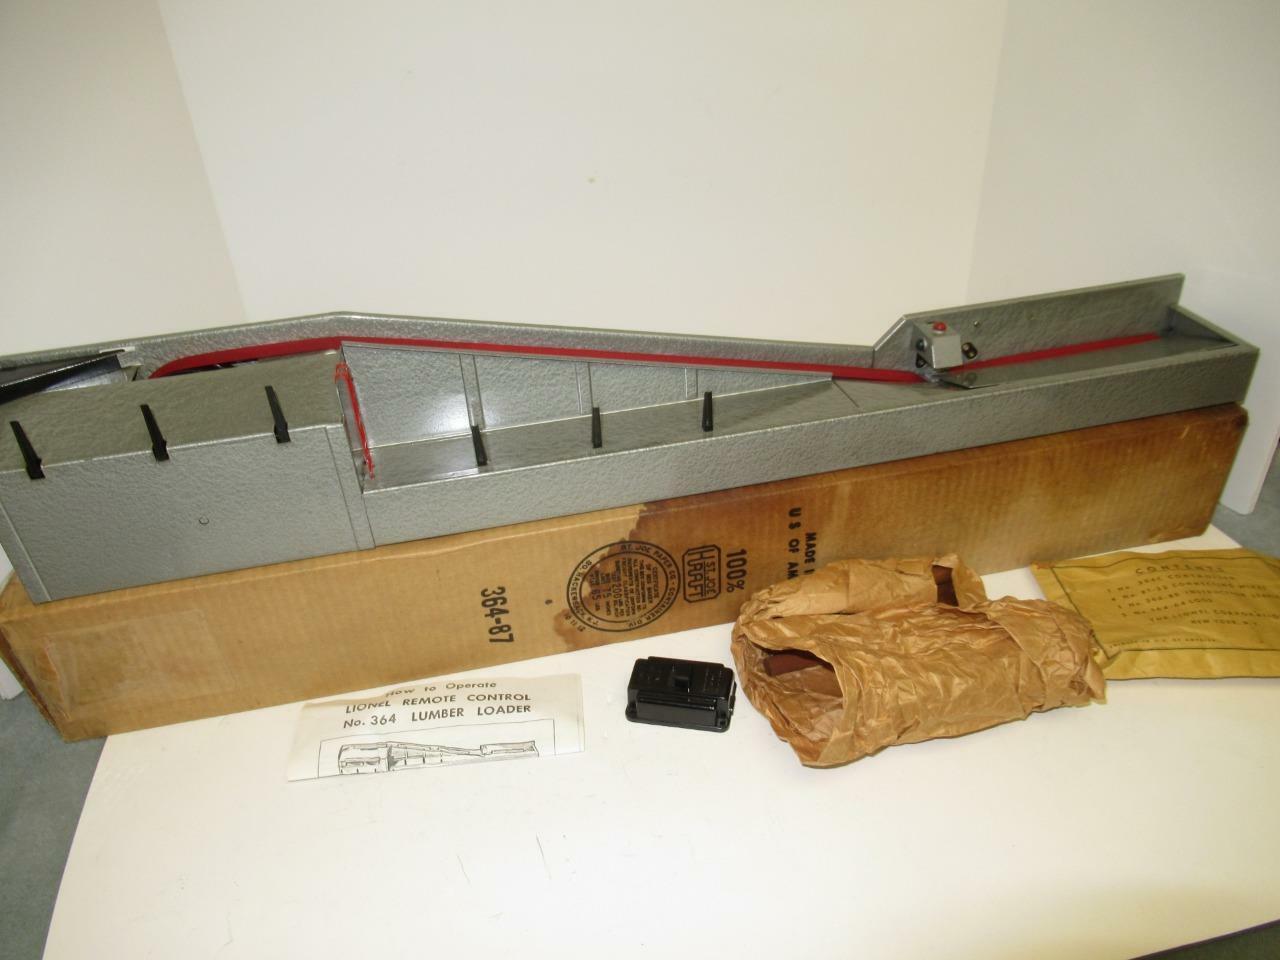 Lionel nach Krieg - 364 Operating Log Lader Zubehör - 0 027- Neu B-1